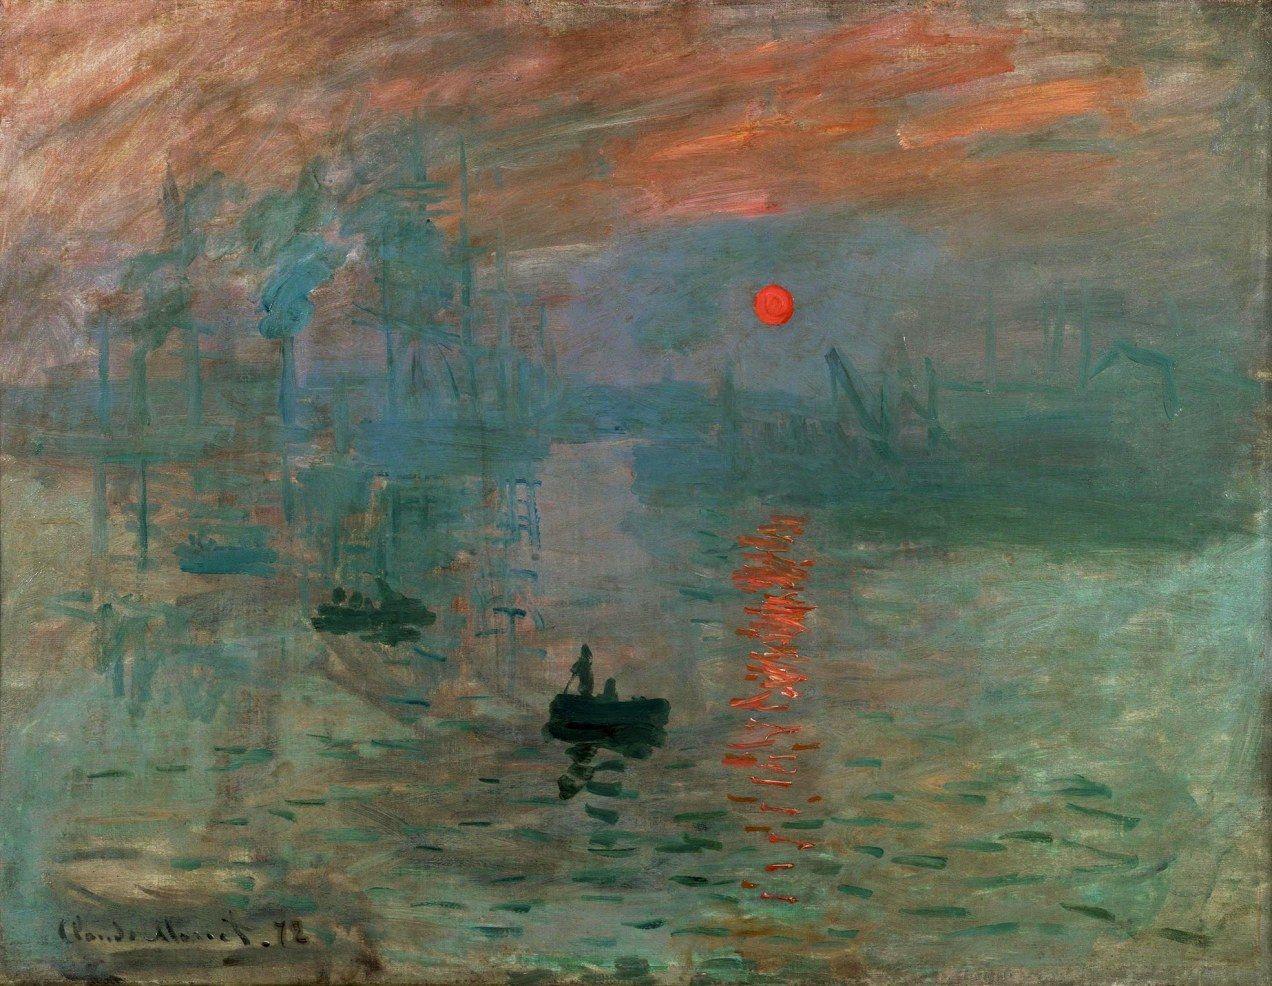 Claude Monet (1840-1926, France) | Impression, soleil levant, 1872